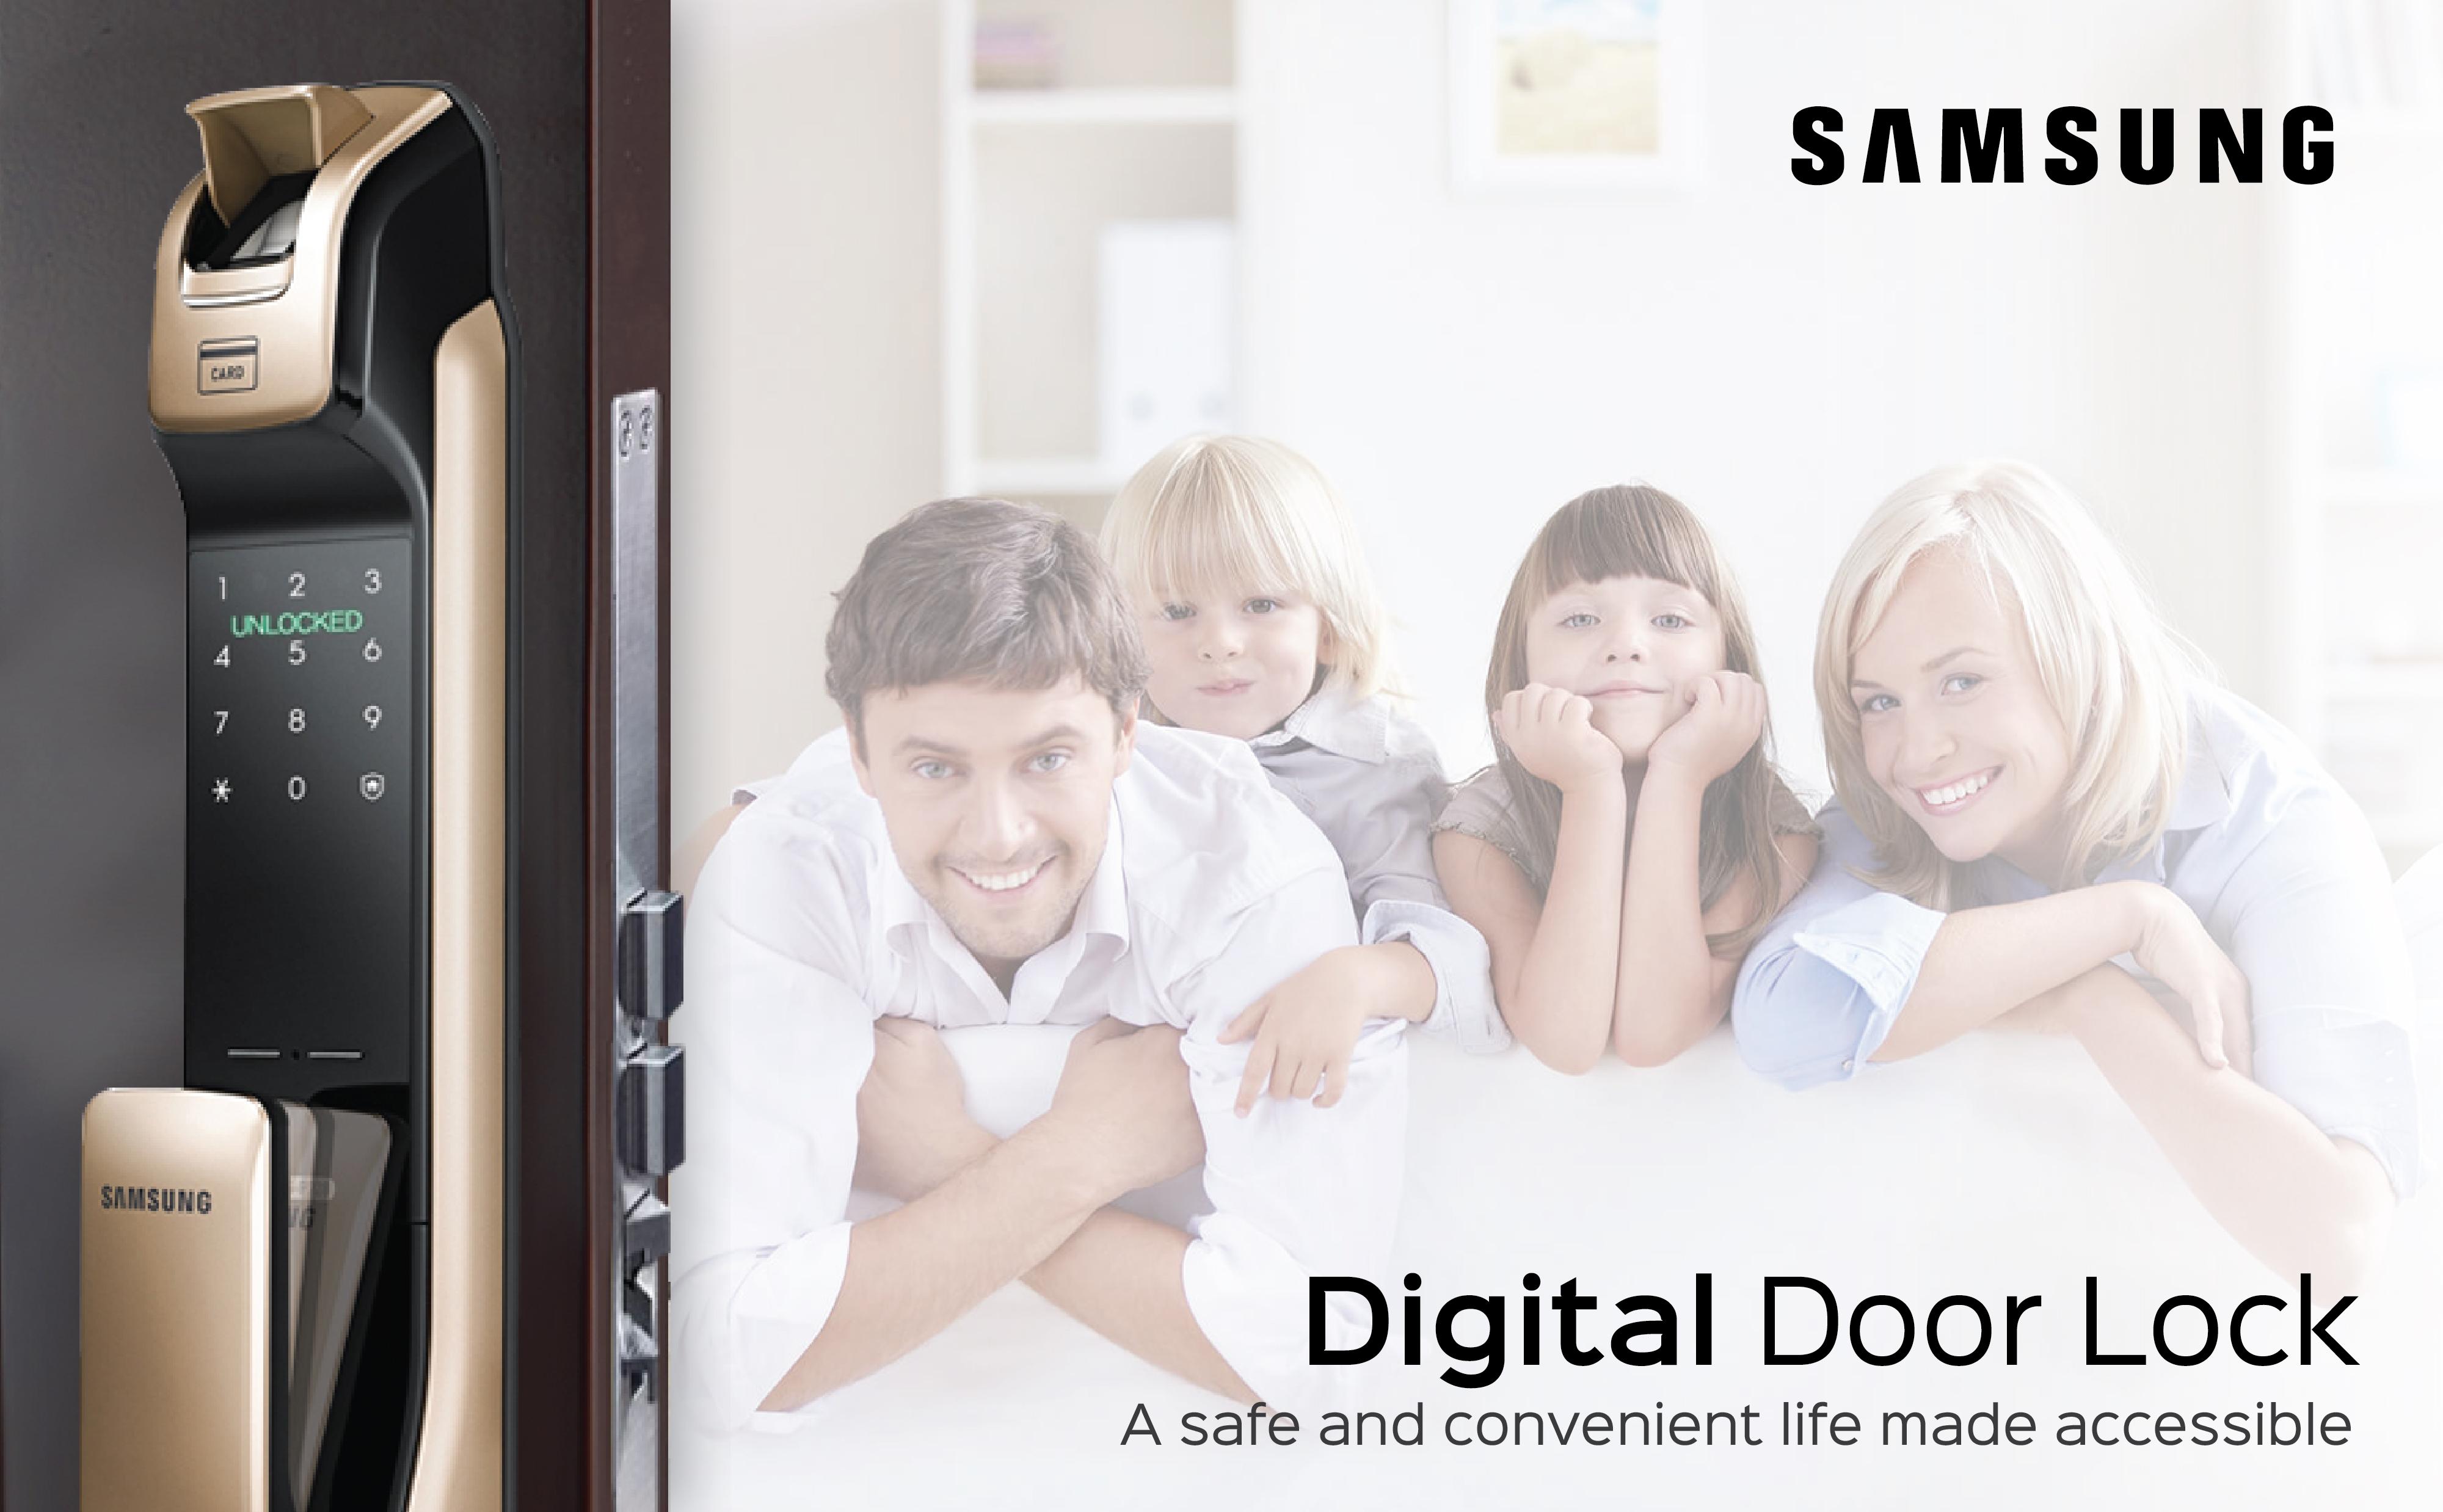 Khóa cửa vân tay Samsung chính hãng giá rẻ tại Hà Nội